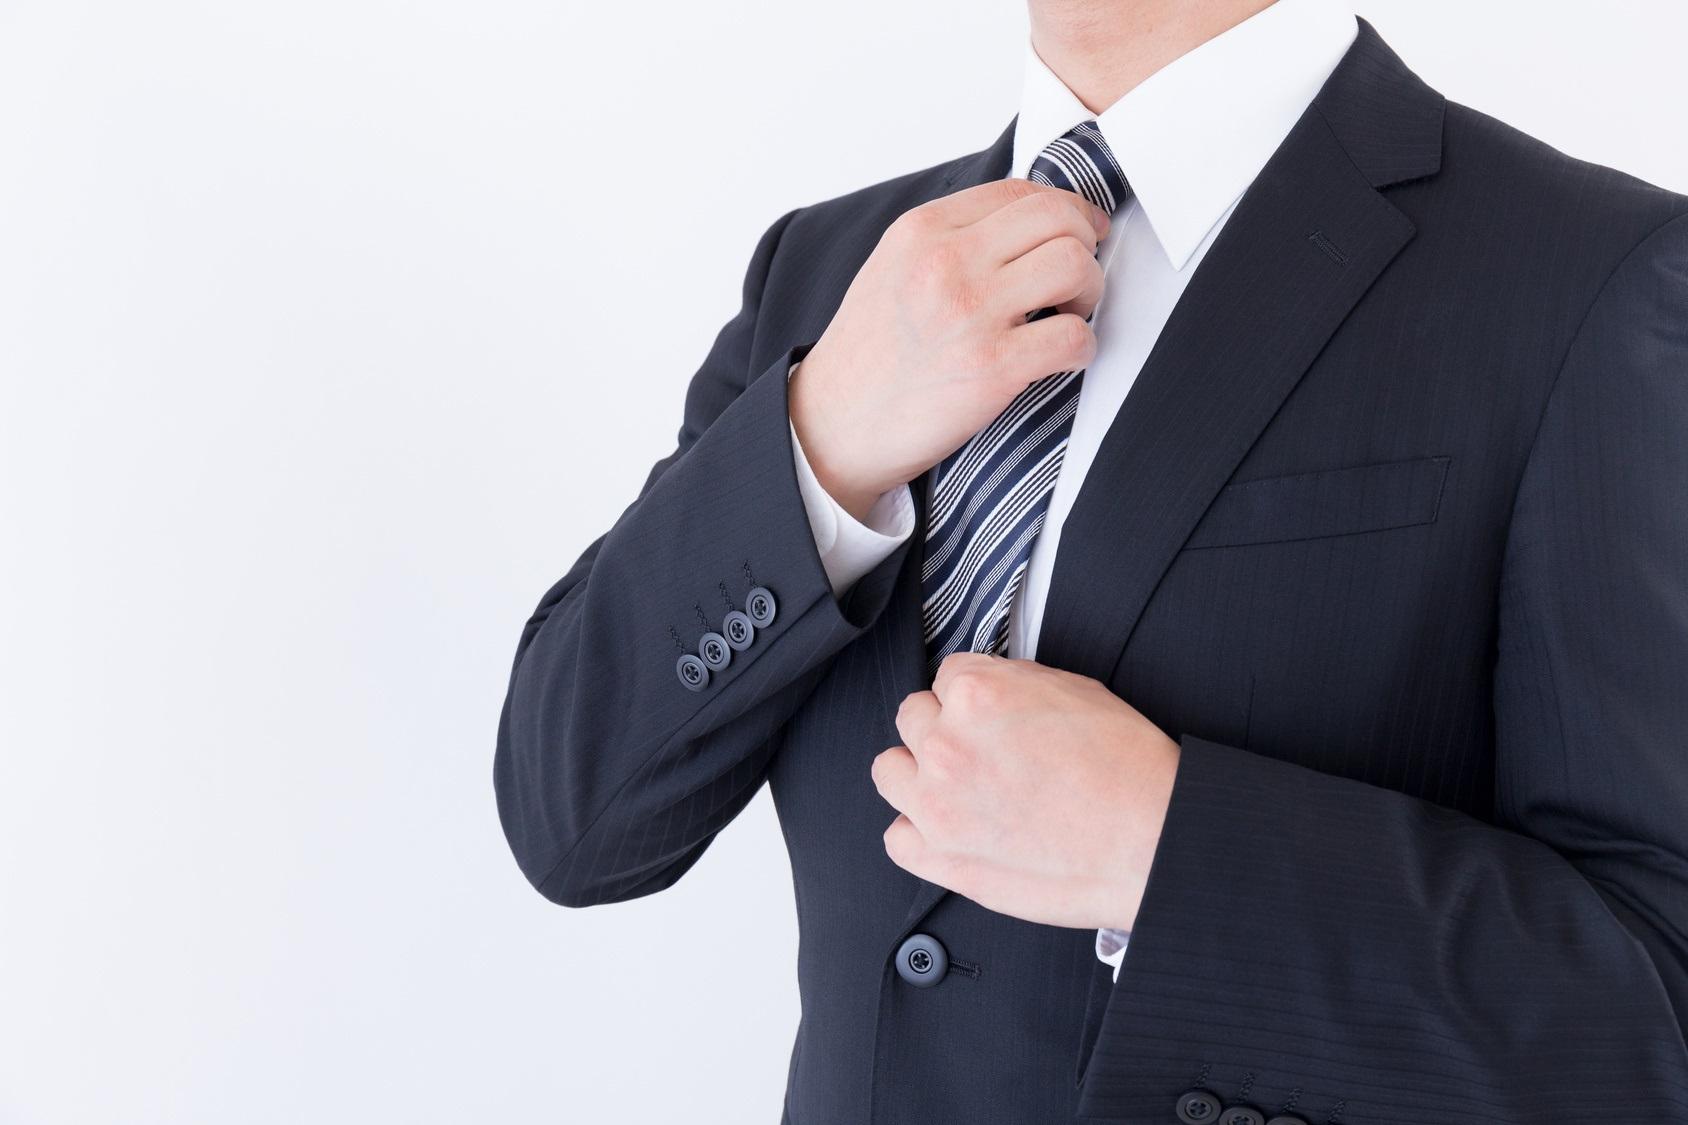 【プロ監修】就活用のネクタイ、どんな色・柄にする?選び方・オススメの結び方を解説